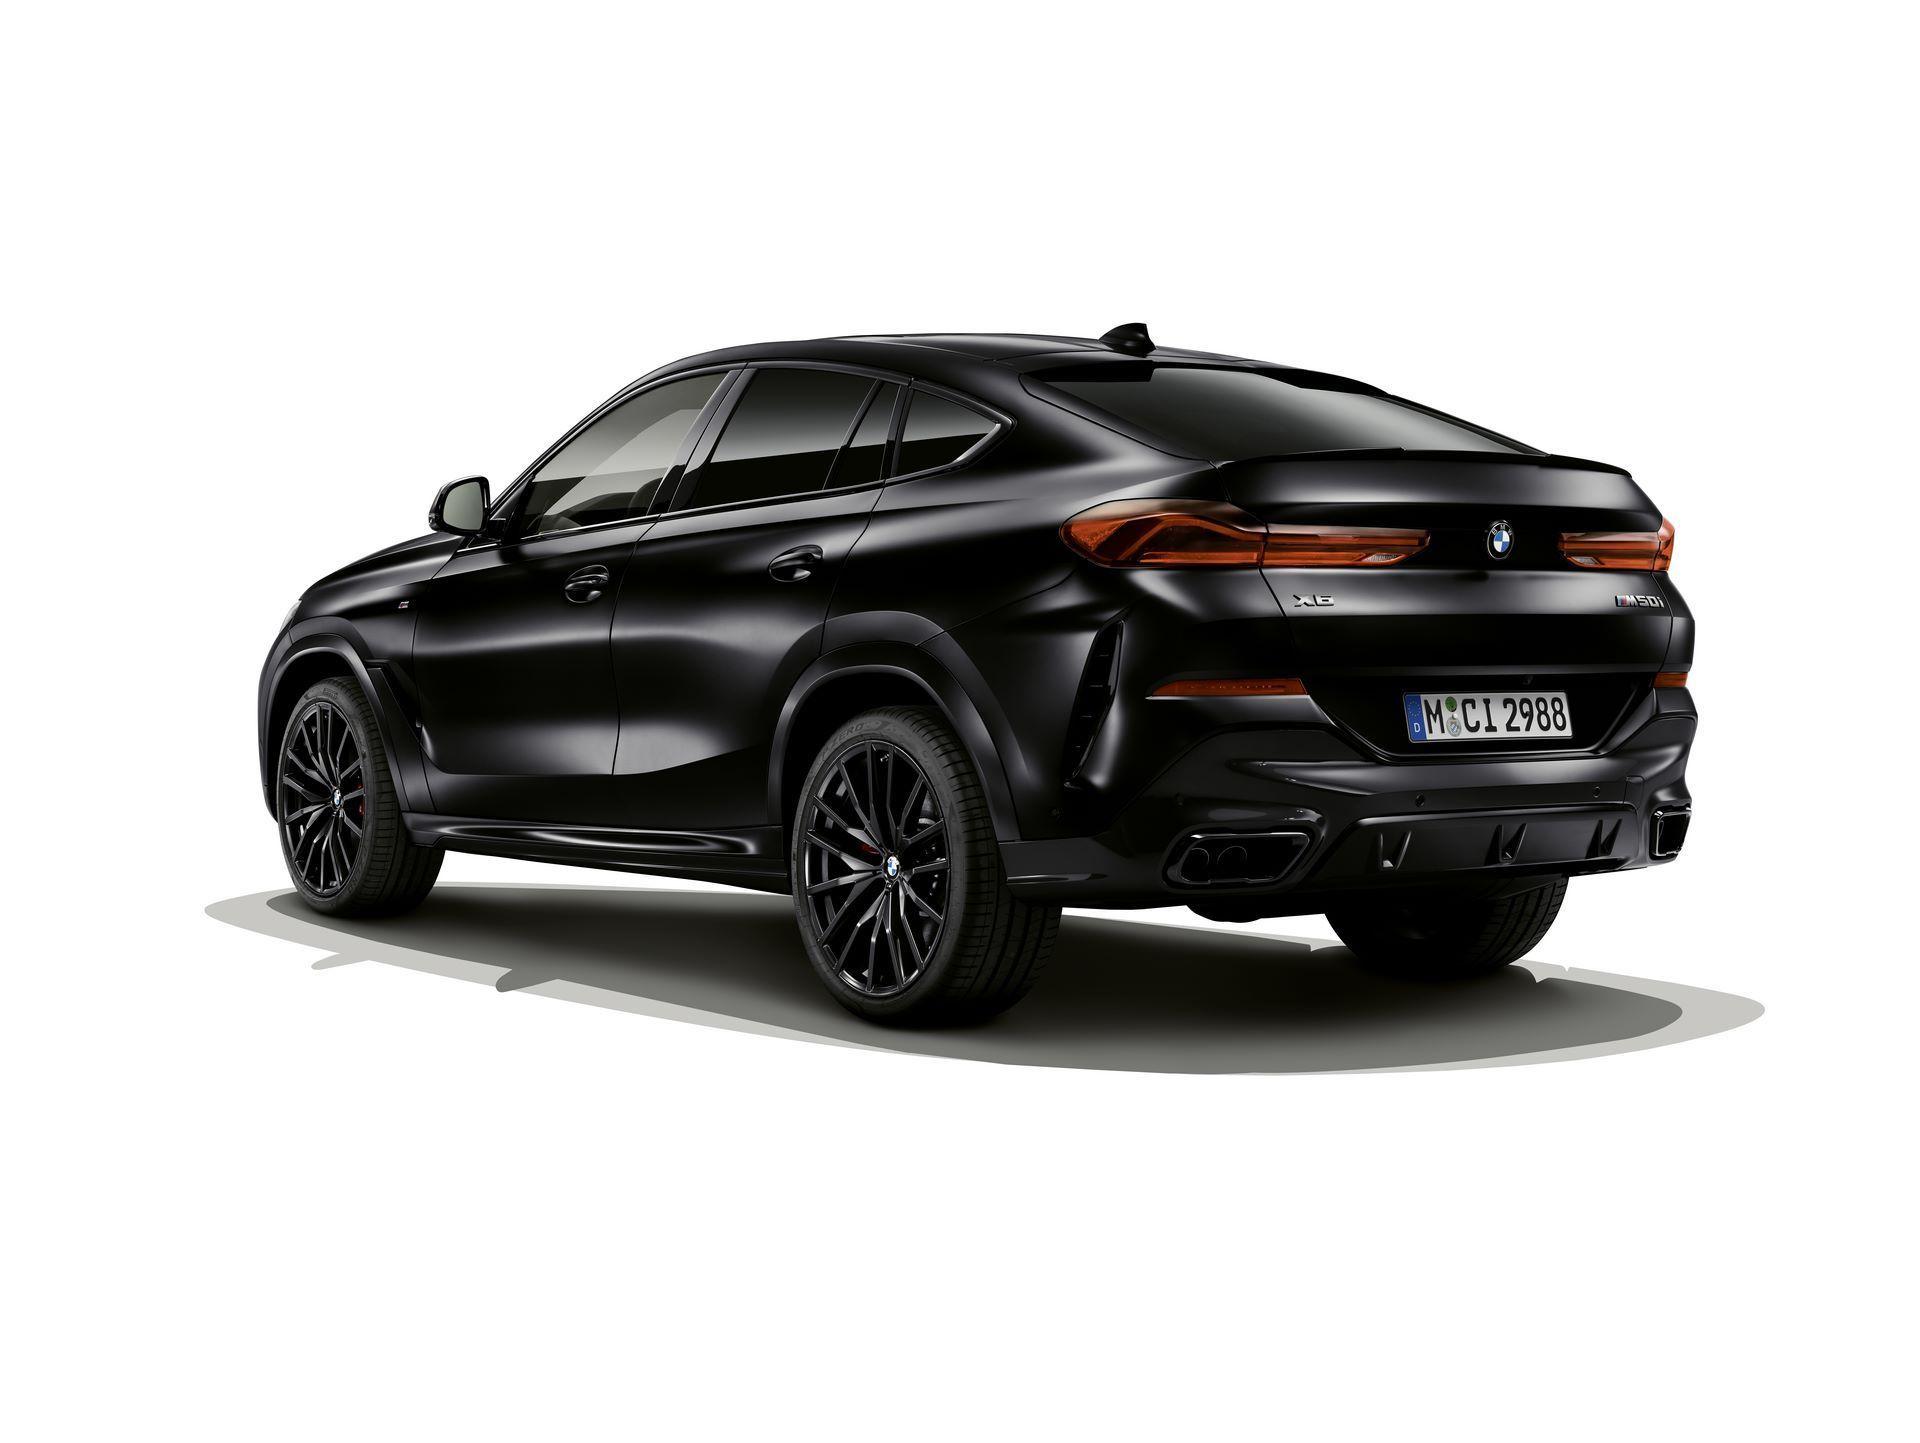 BMW-X5-Χ6-Black-Vermilion-X7-Limited-Edition-38